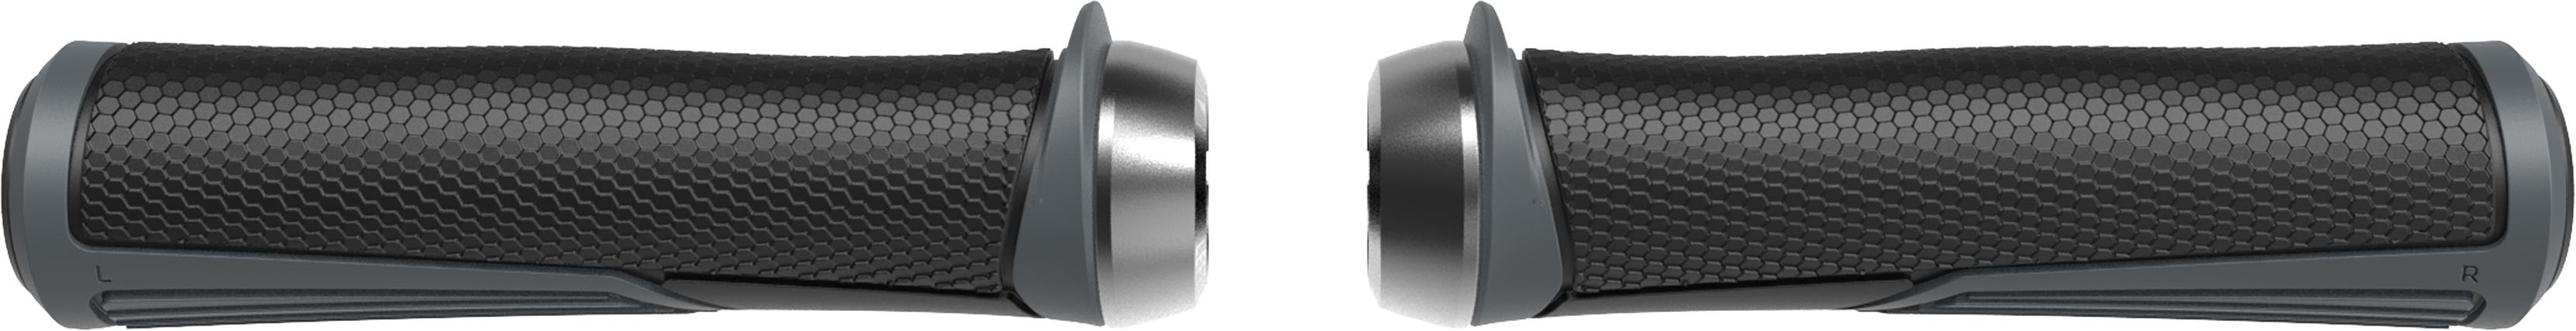 Грипсы BBB Cobra 142mm / dark grey / lockring dark grey тёмно серый, Рулевая группа - арт. 1022310362